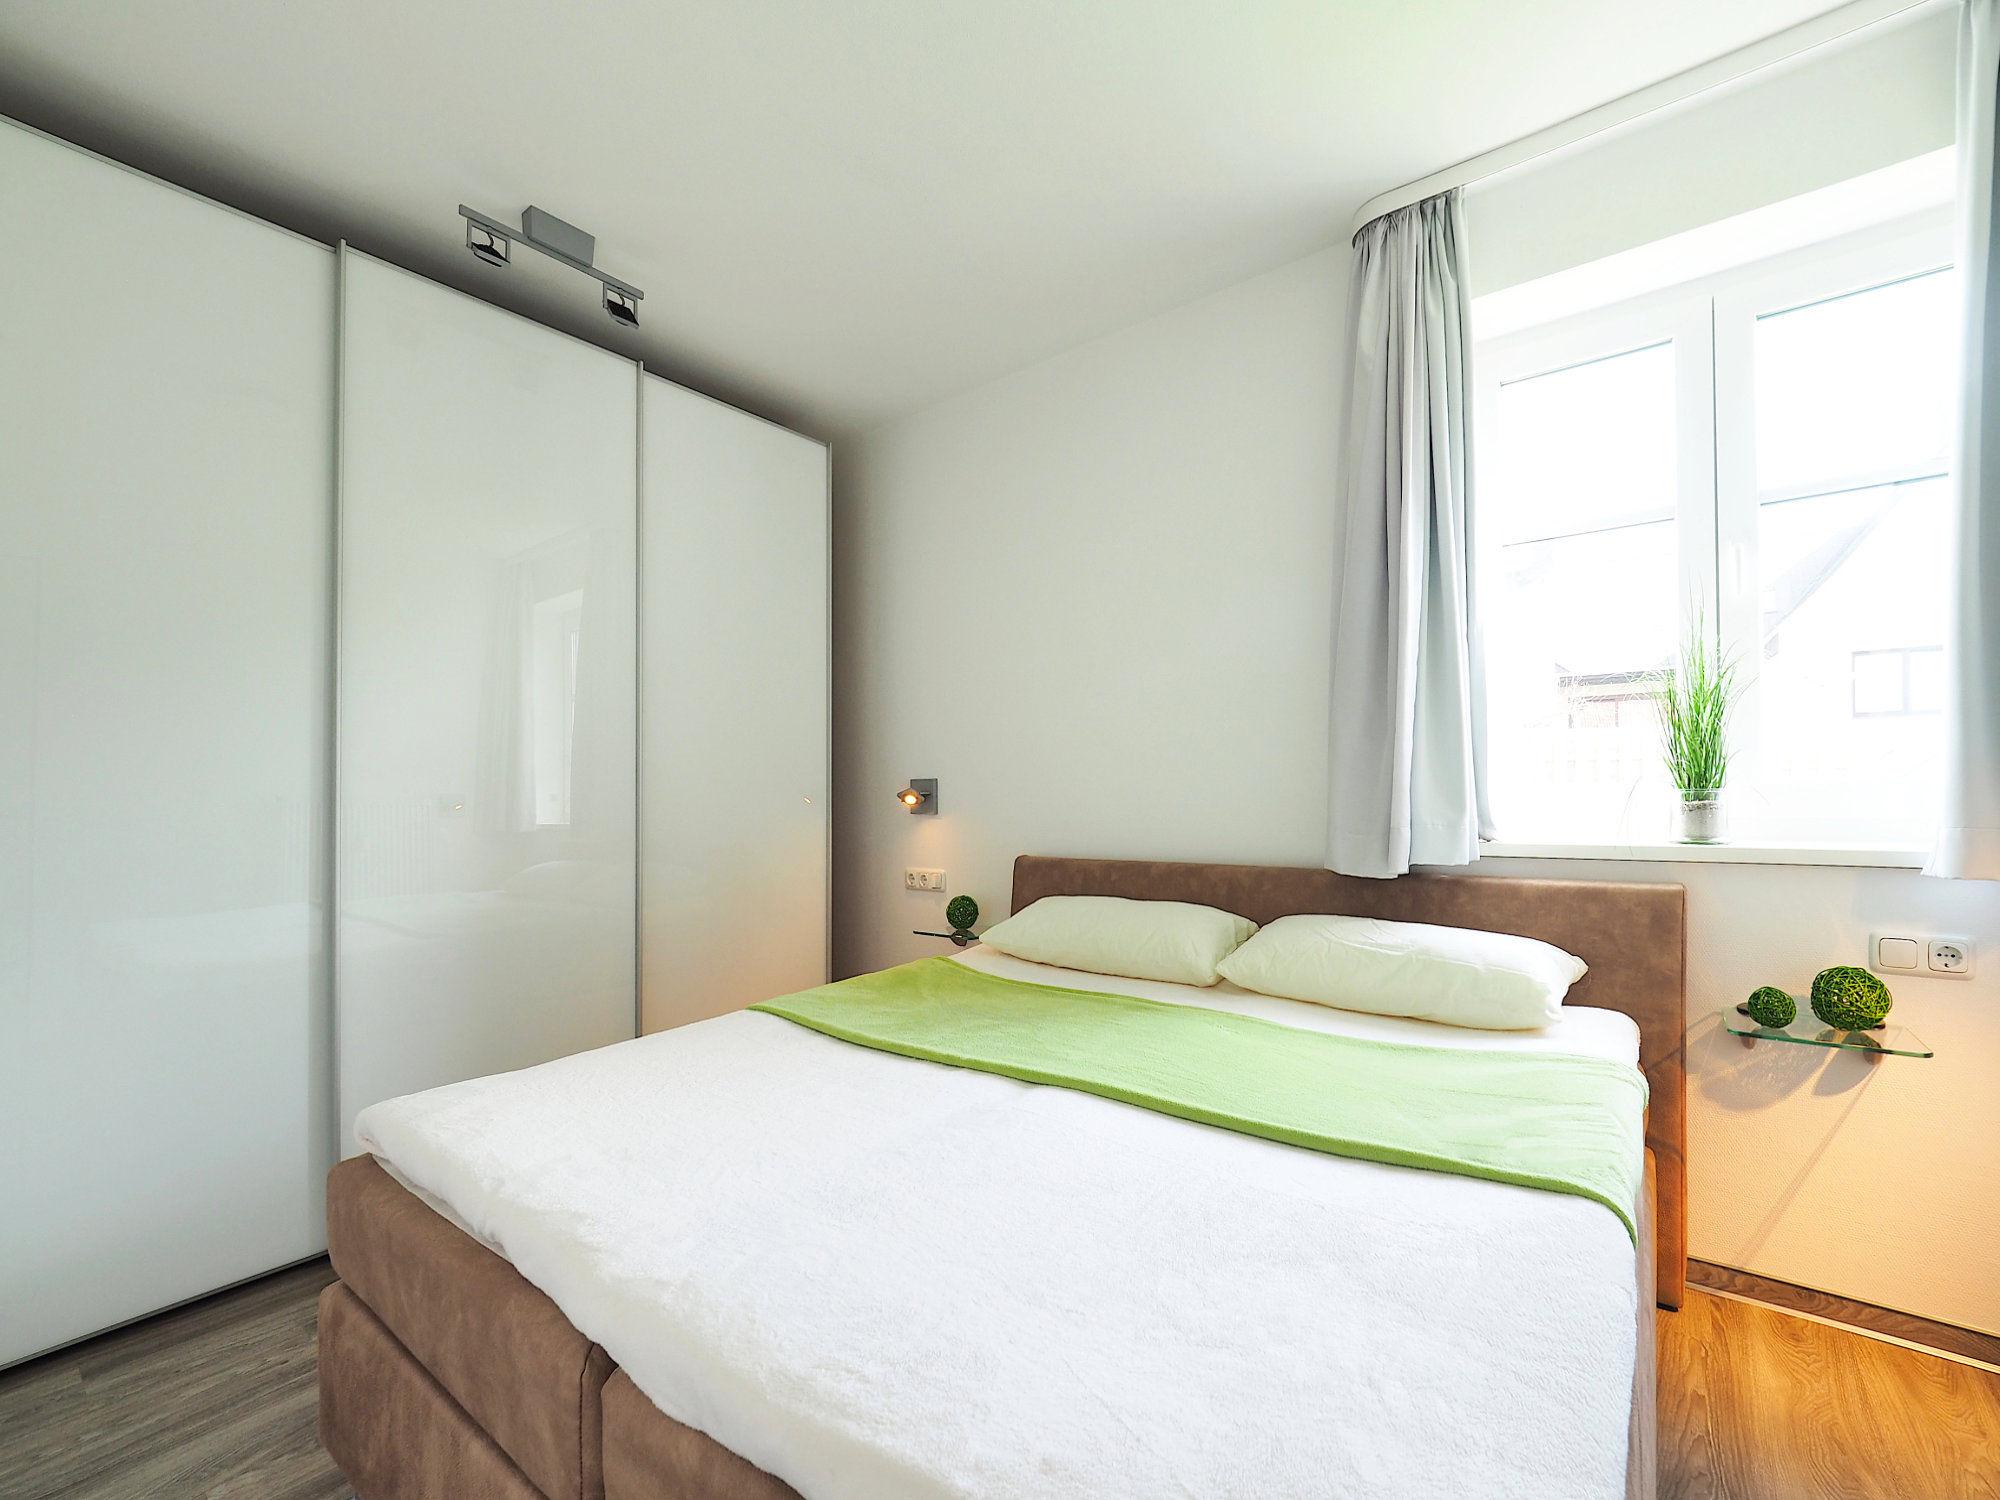 Schlafzimmer mit Doppelbett, Kleiderschrank und großem  Fenster